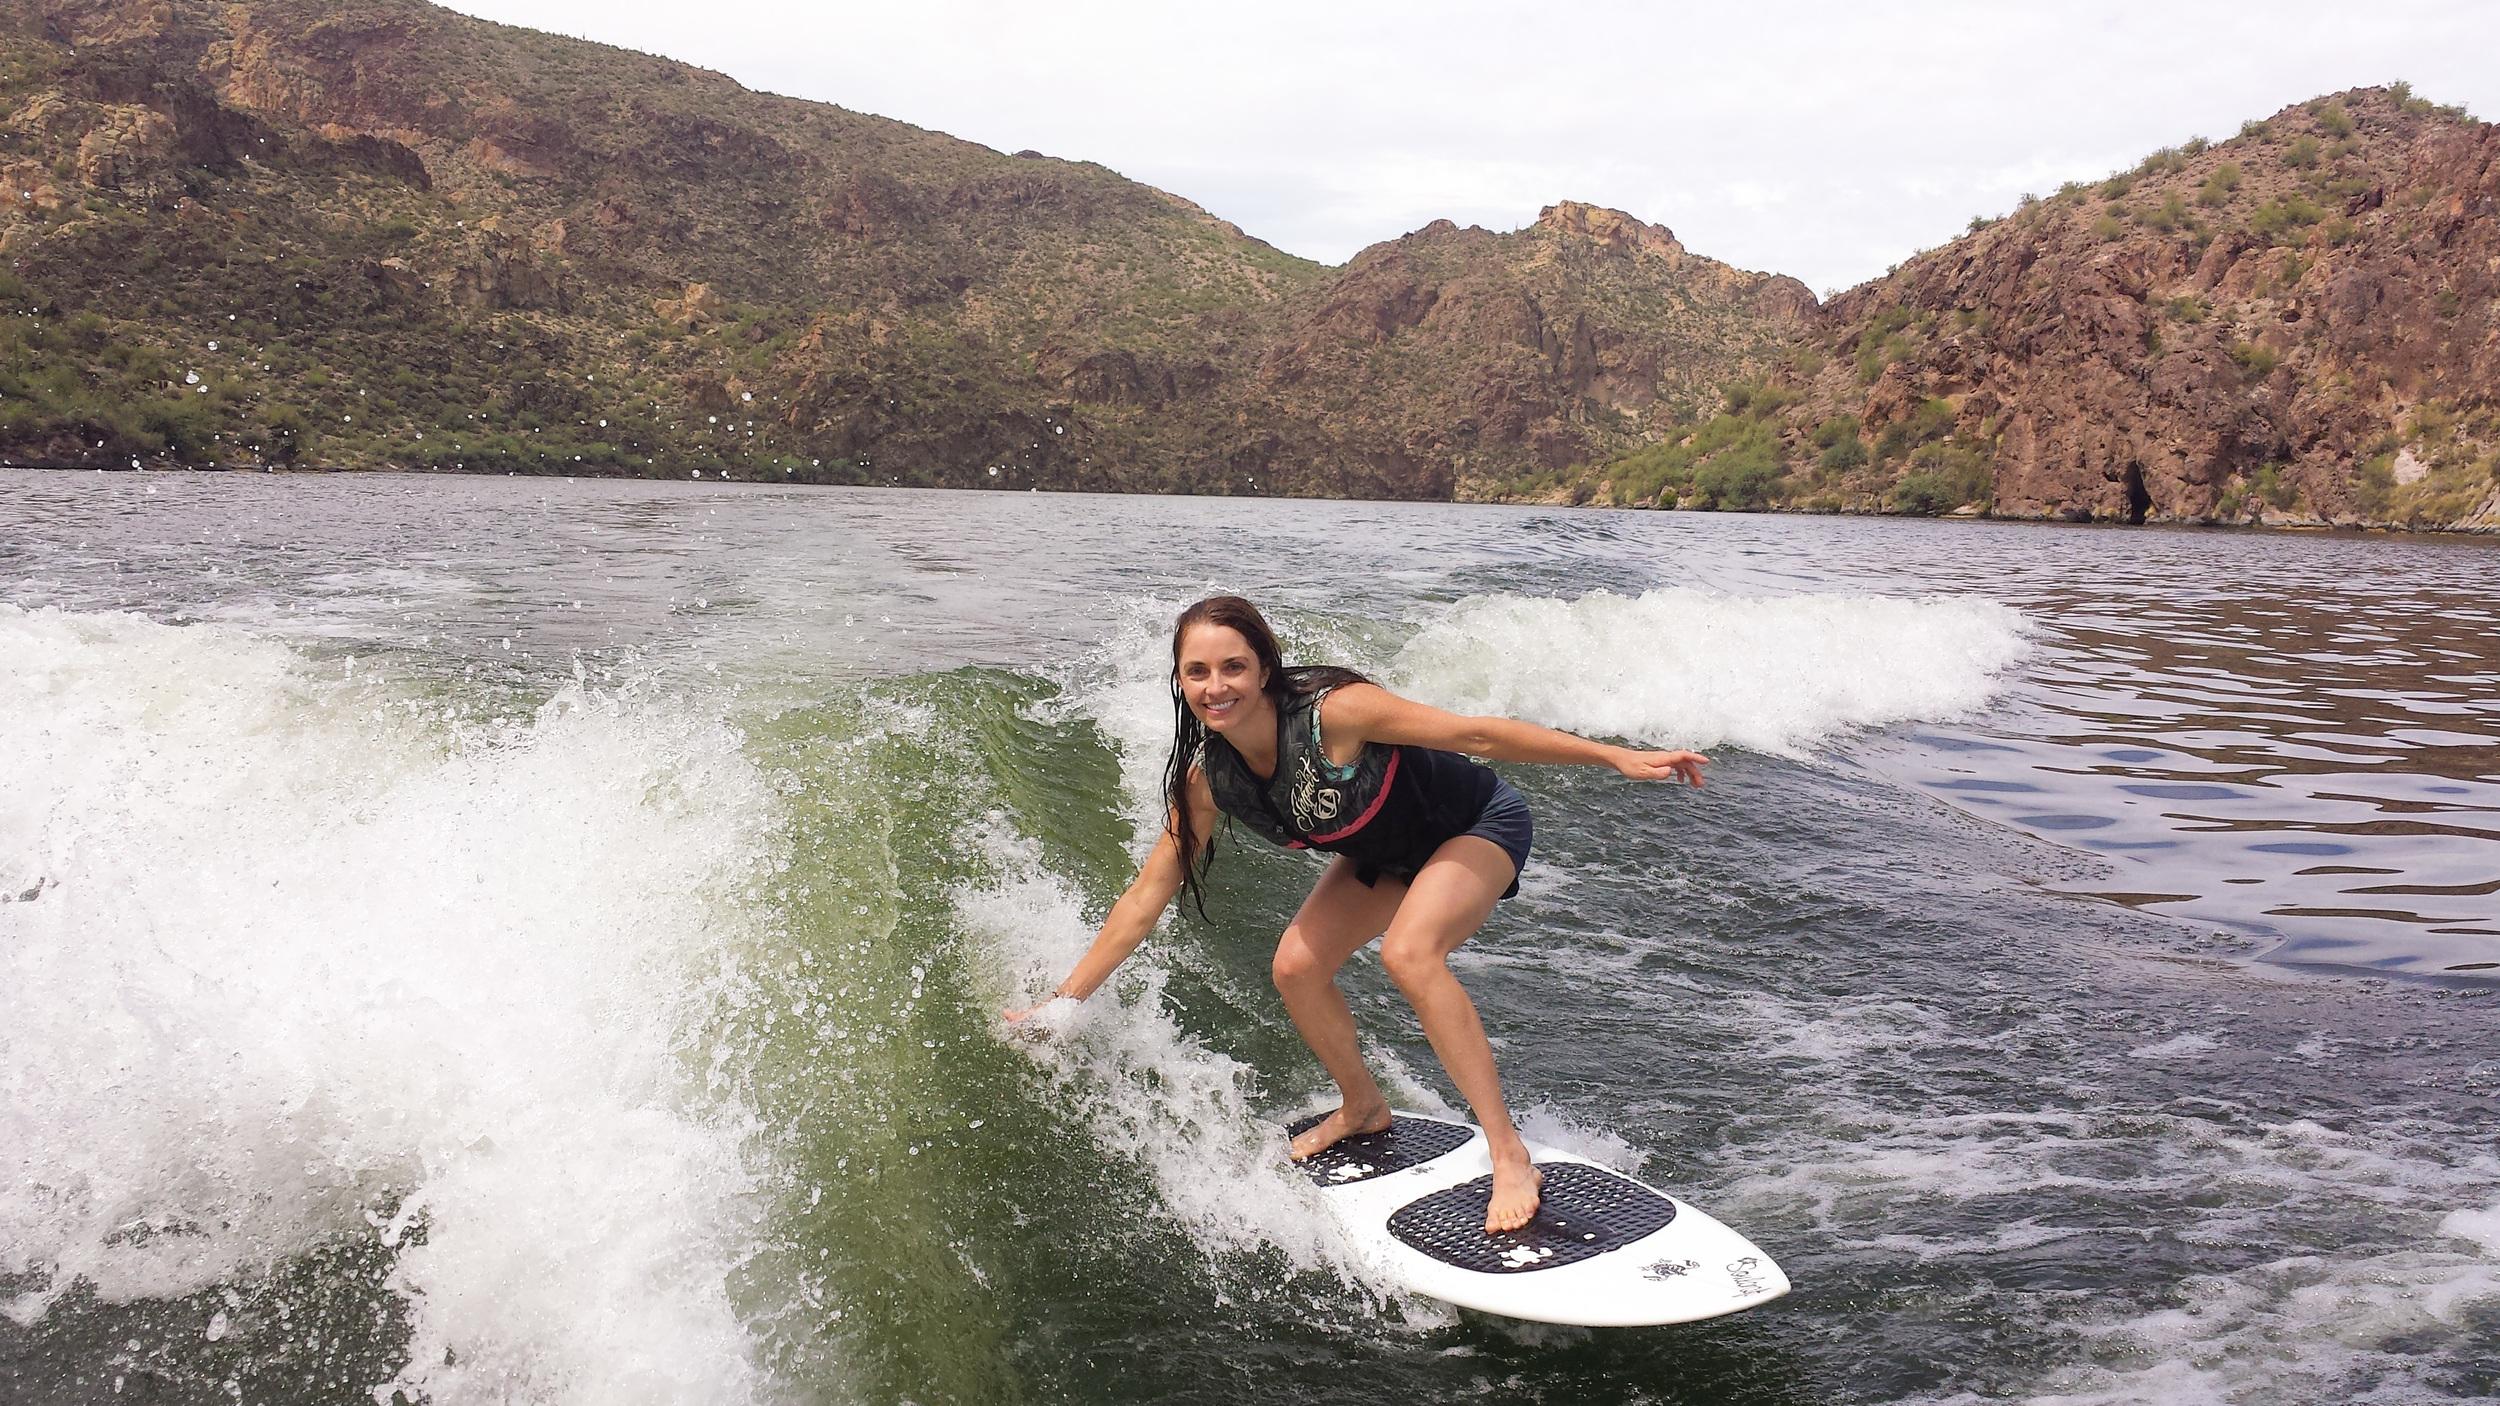 April wake surfing on Saguaro Lake in Arizona